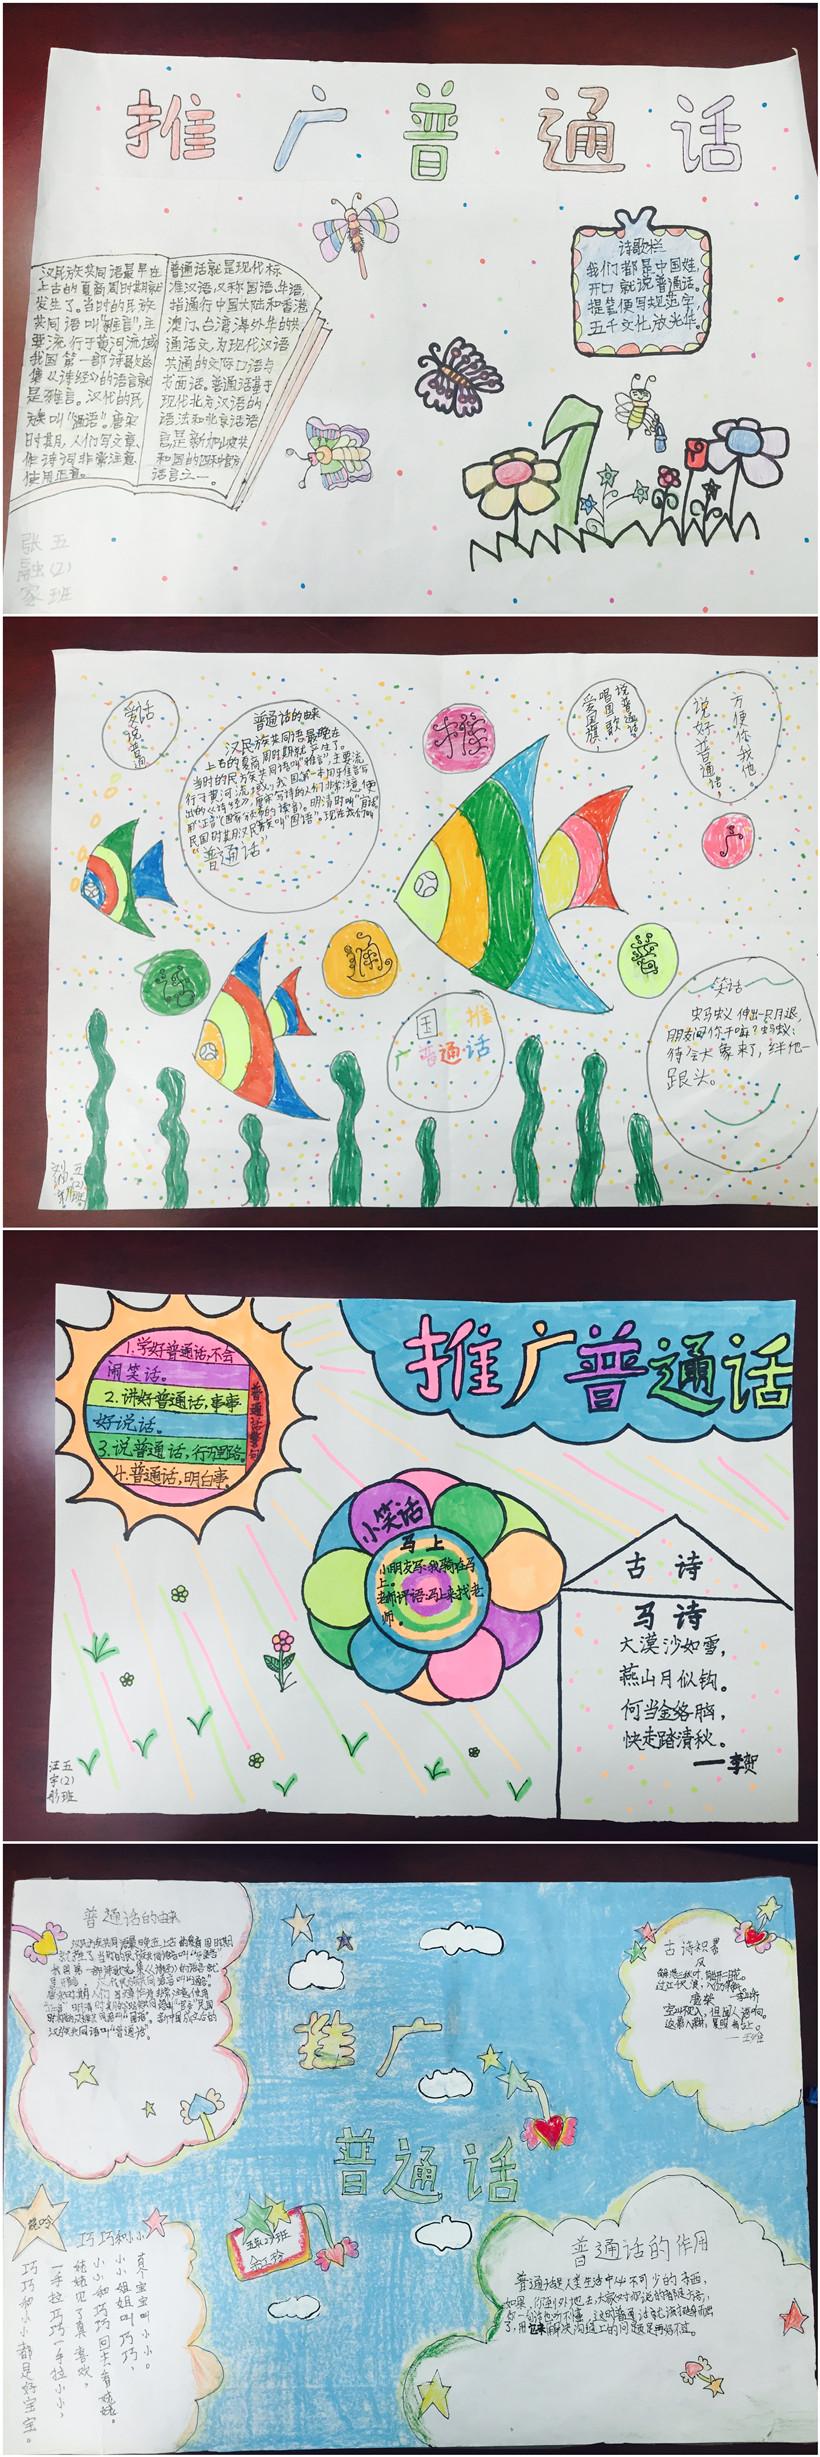 语言文字 开展活动 > 推广普通话黑板报,手抄报  六安市梅山路小学